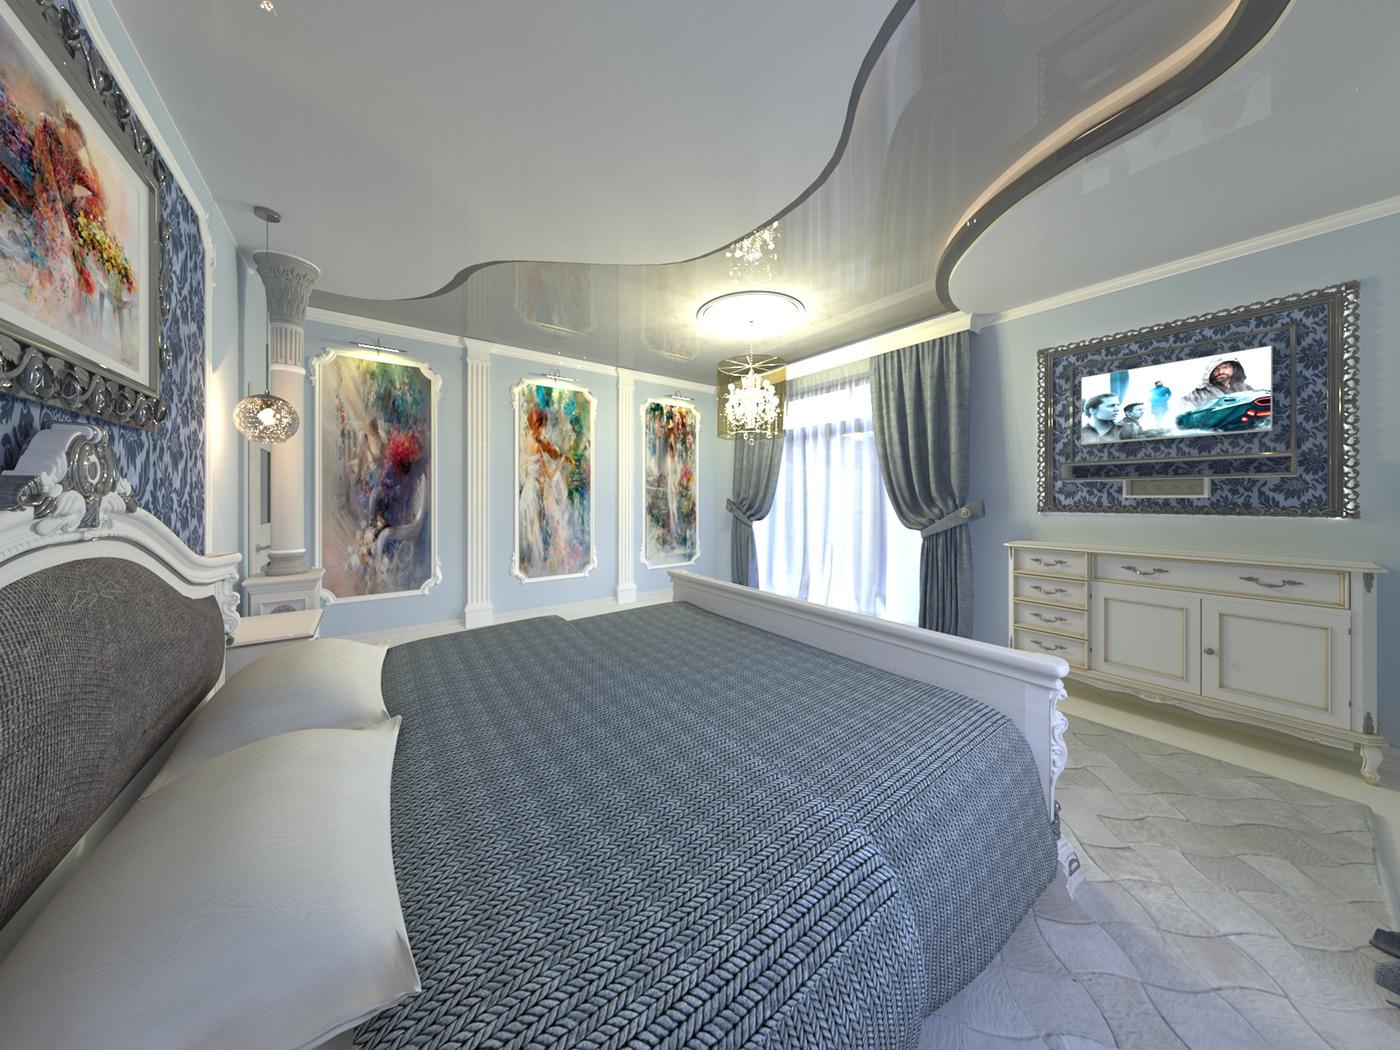 design Design of interior design studio designer interior design